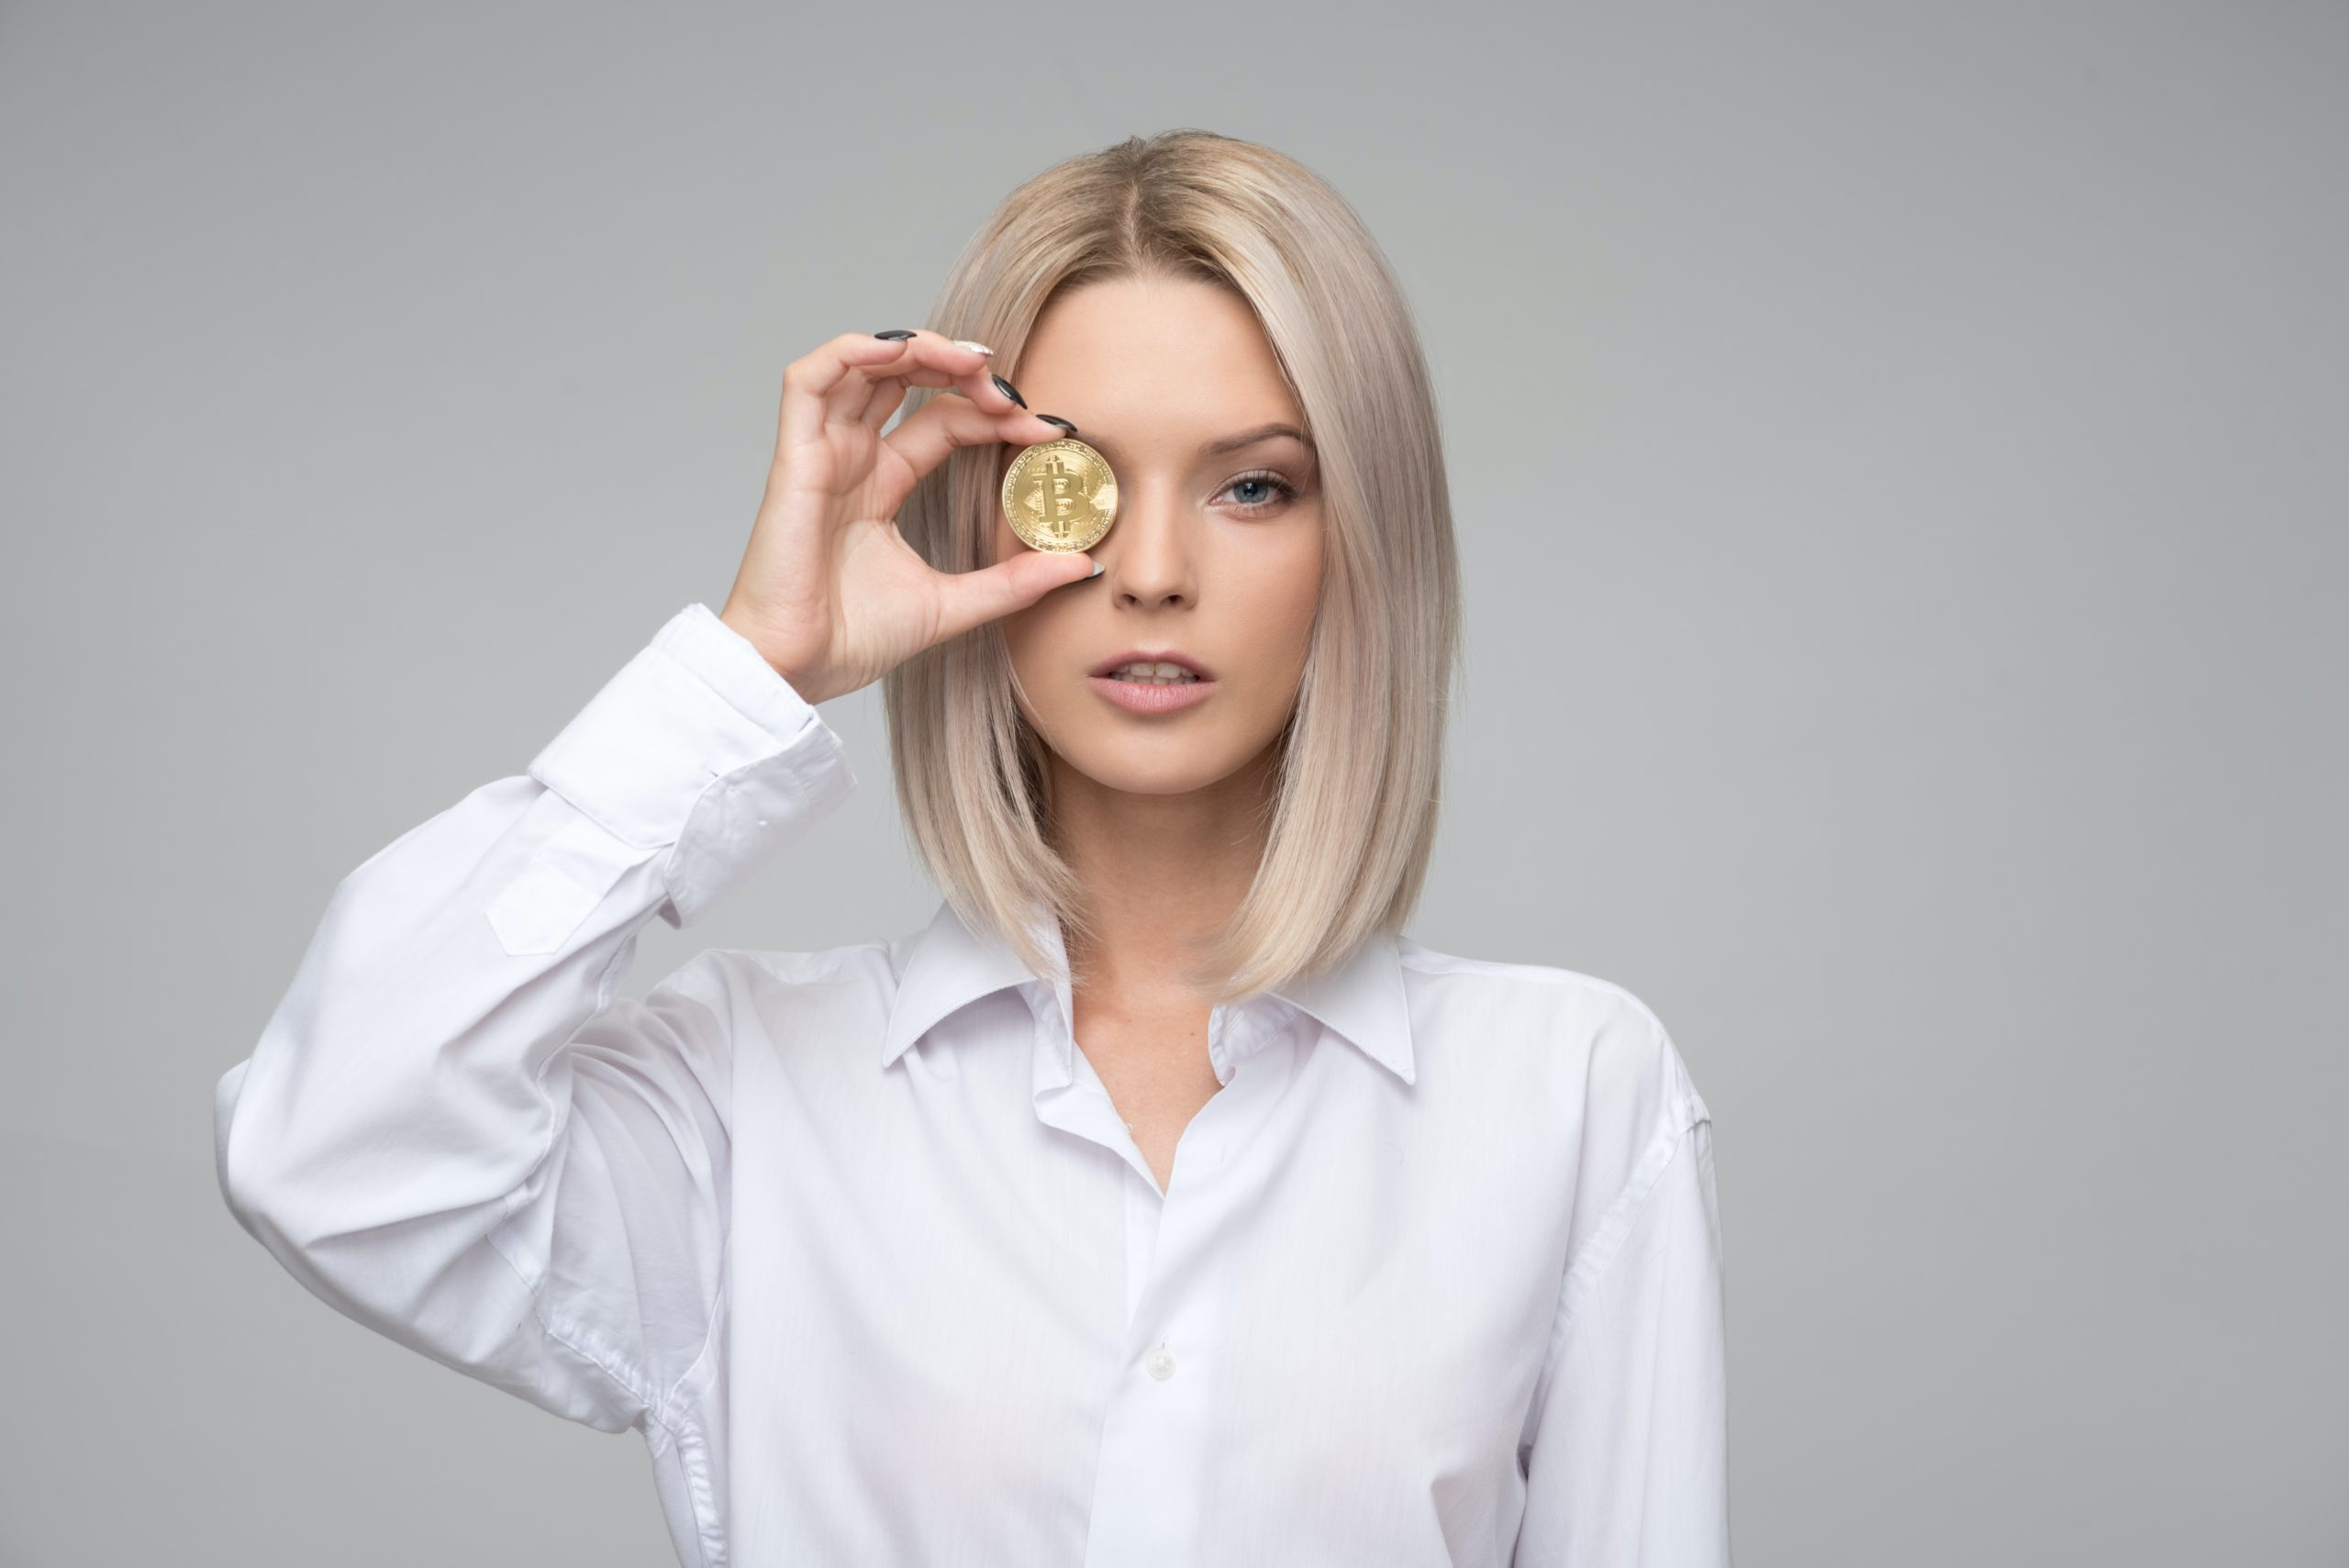 転職市場を見る女性